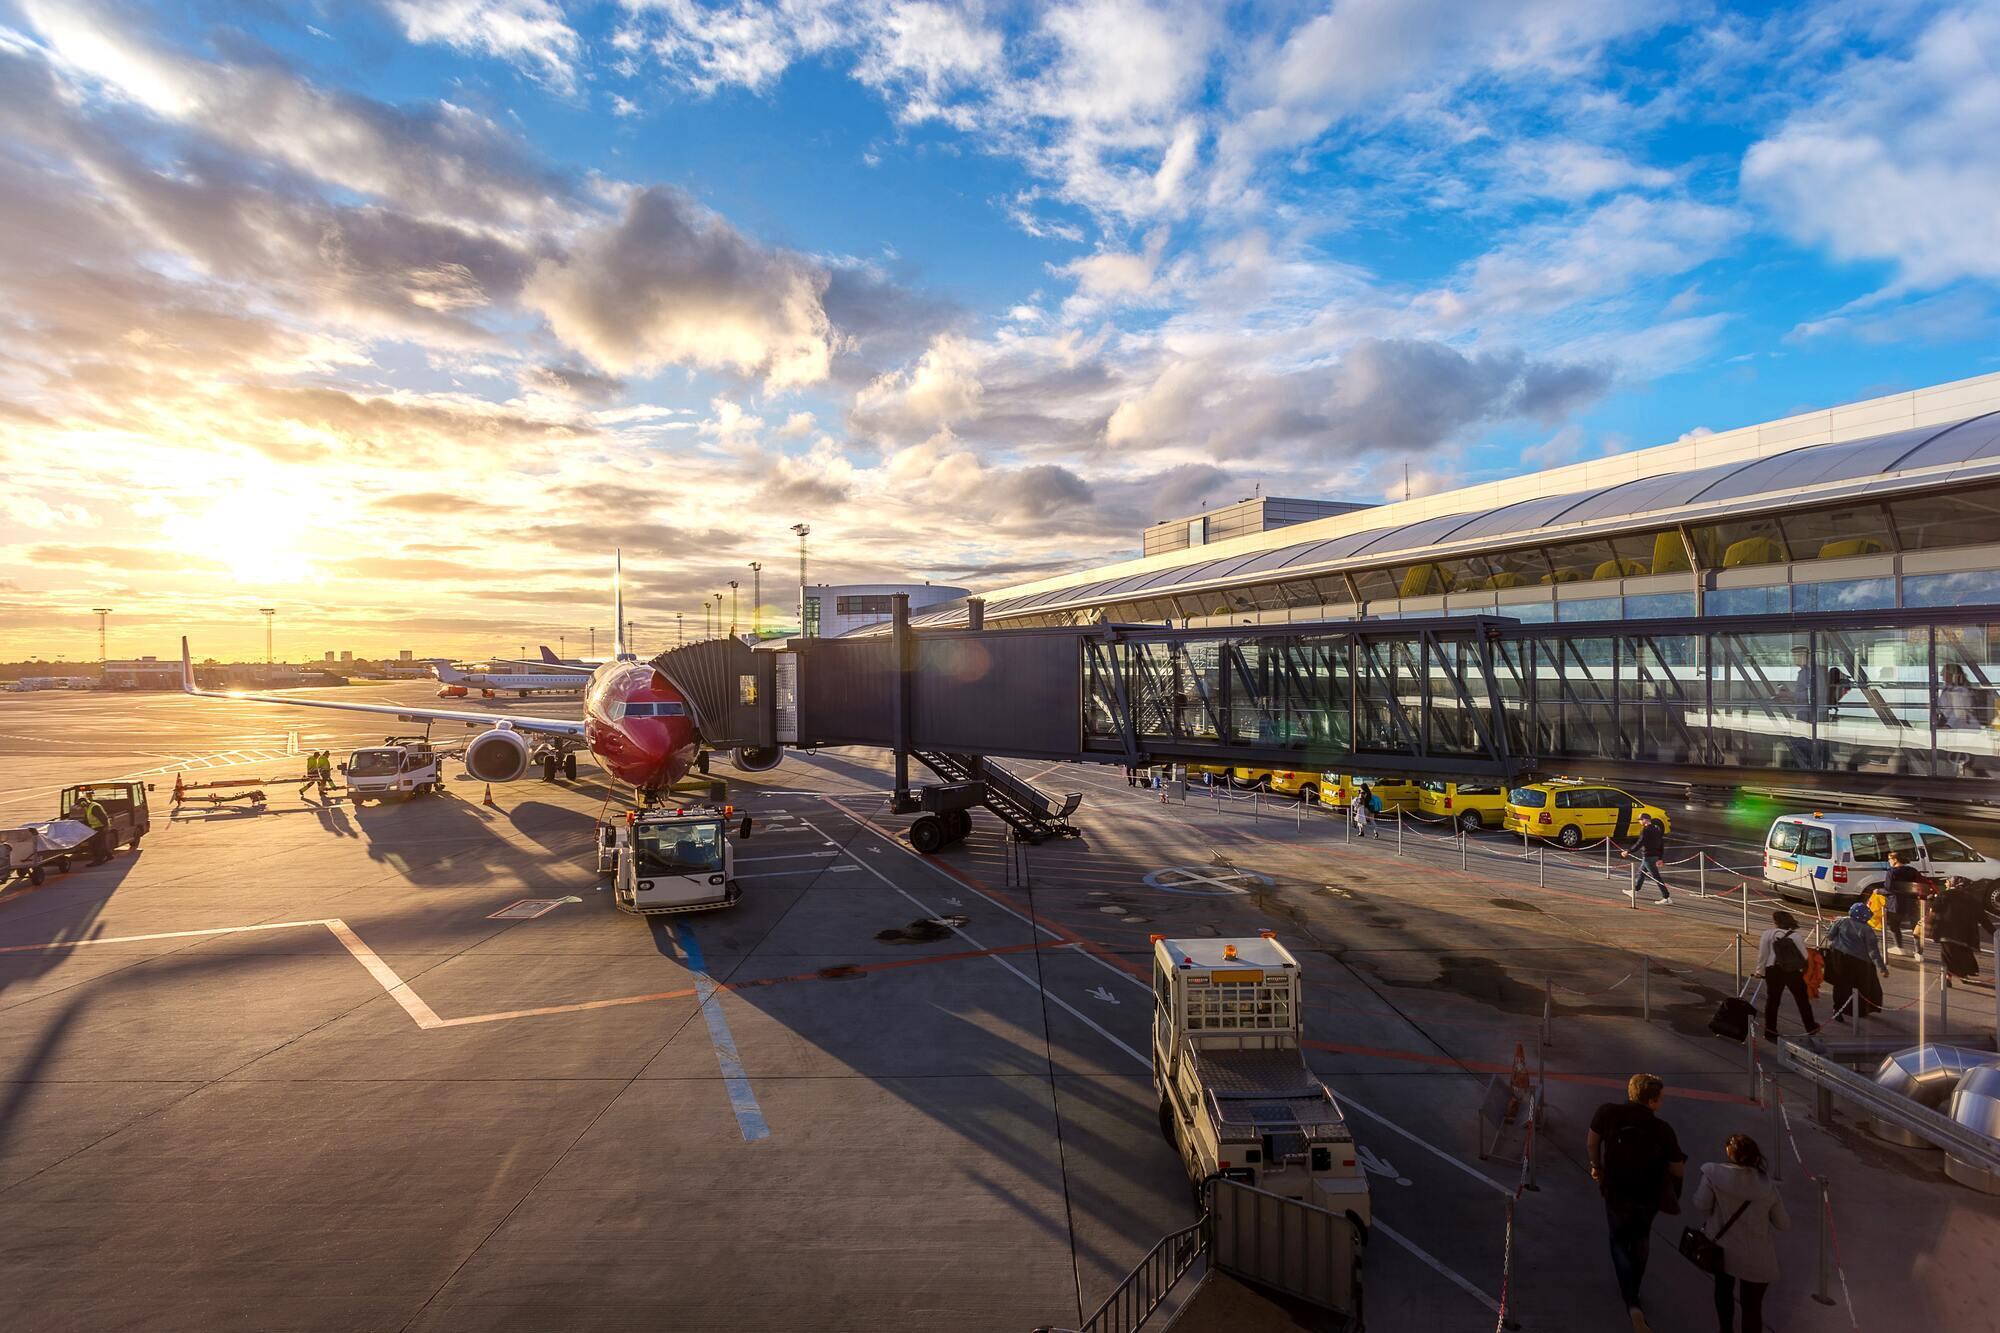 Якщо літак сідає не в зазначеному в квитку аеропорту, то пасажирів з багажем перевозять безкоштовно